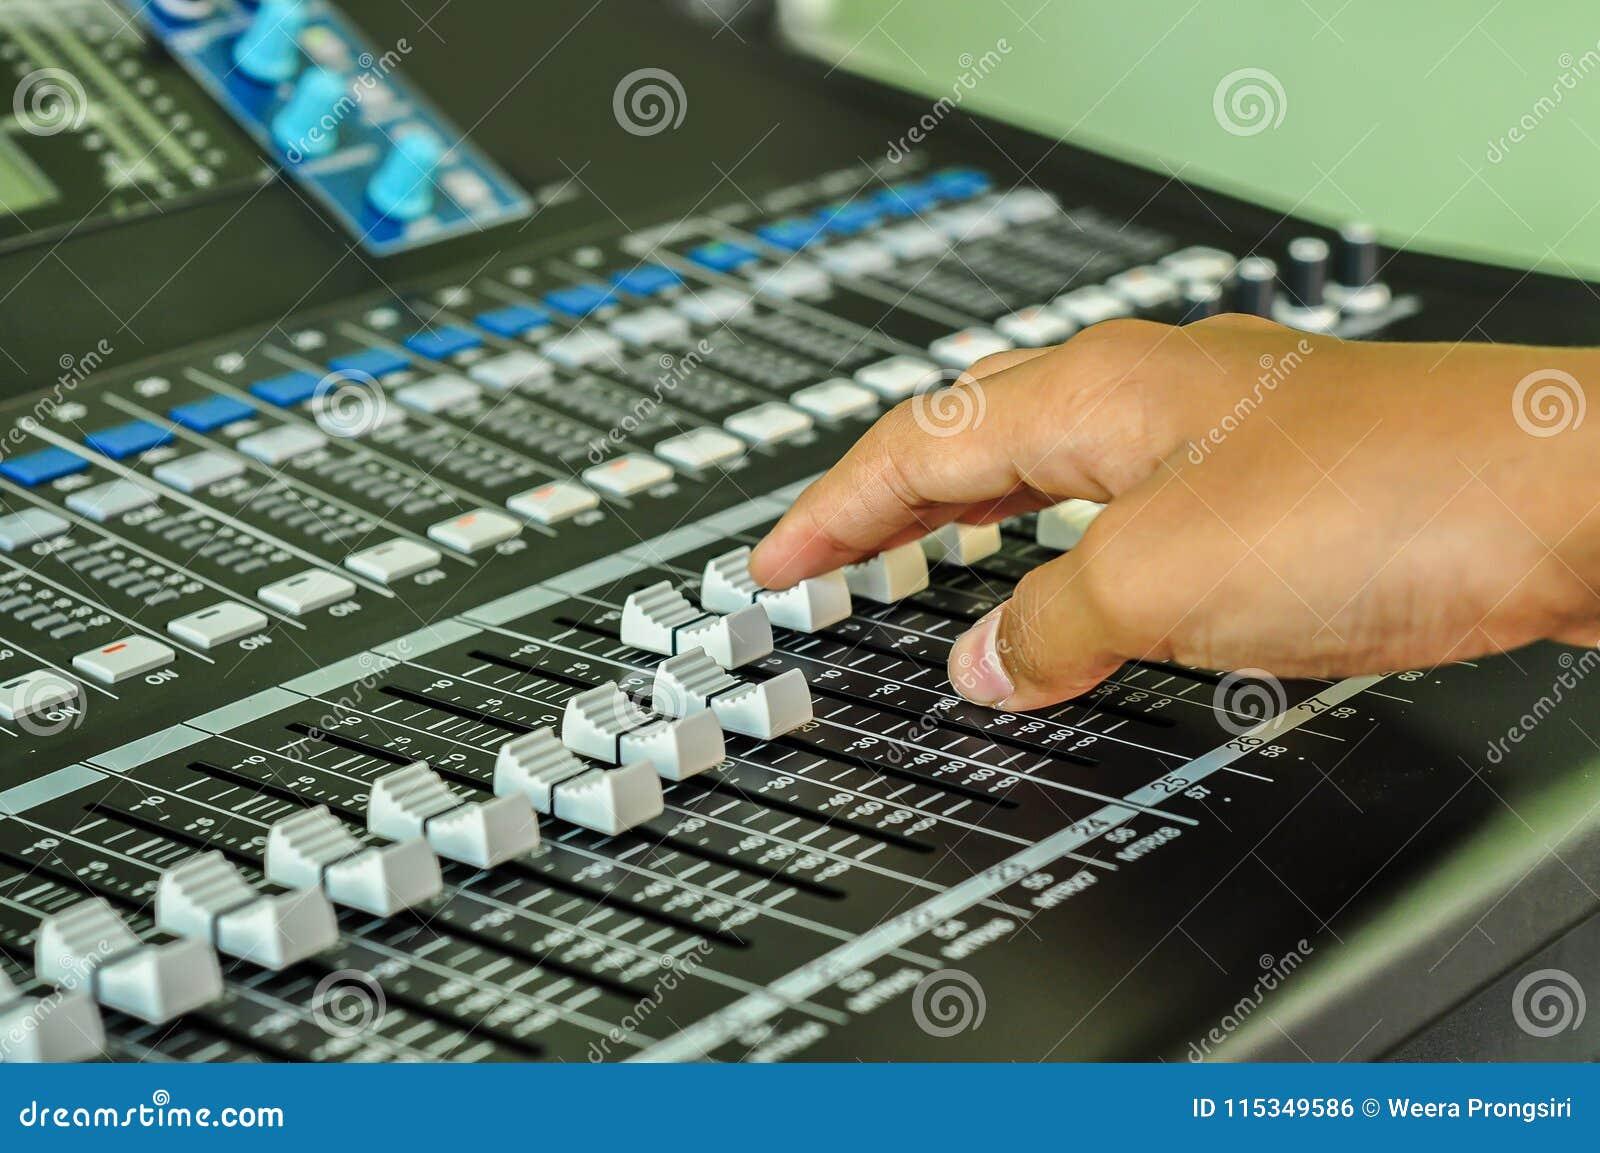 Audio Equipment, DJ, Radio, Video Game, Headphones Stock Photo